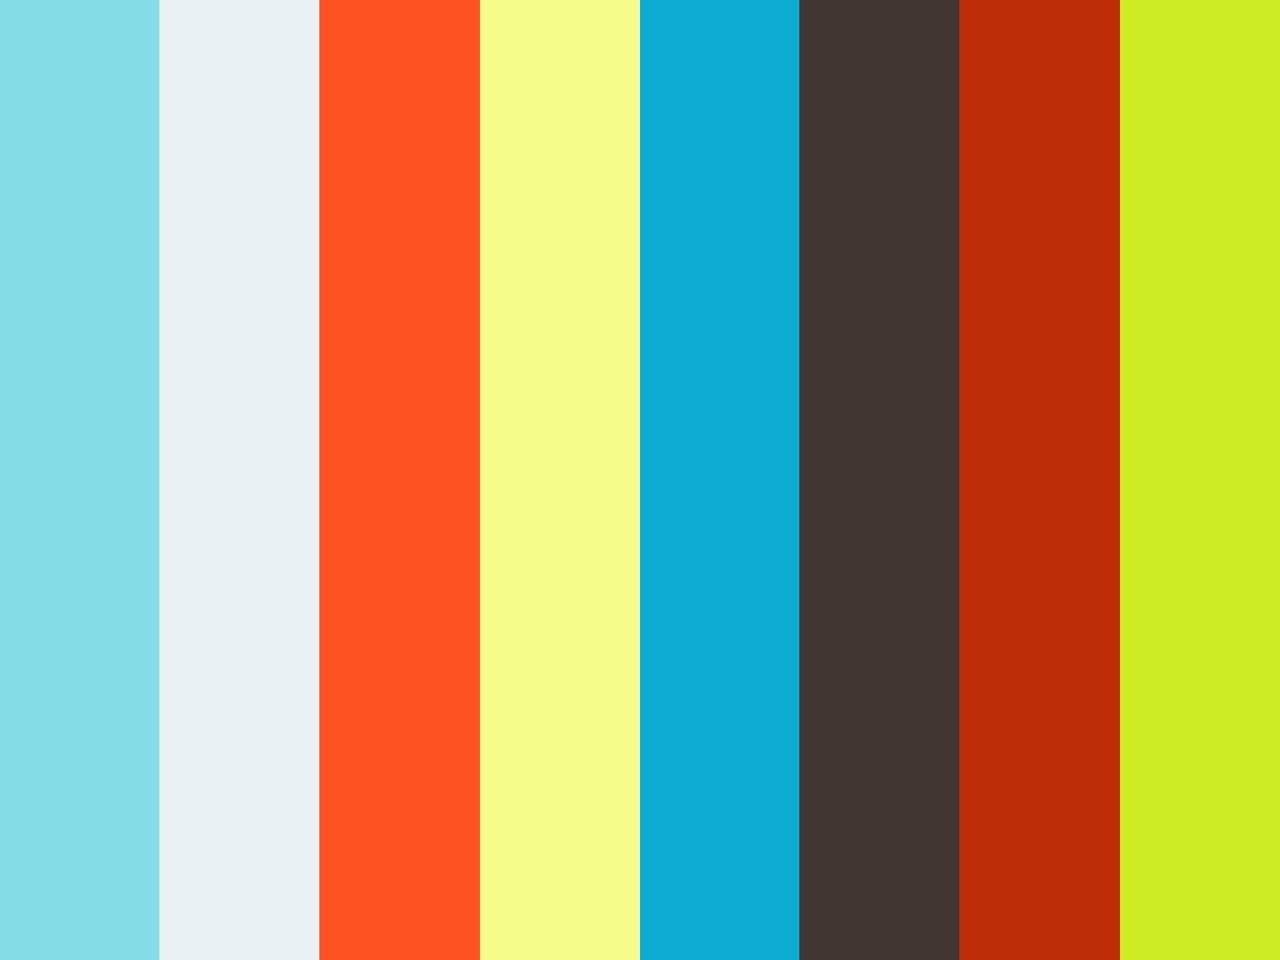 Formations Métiers de l'image nojo - Présentation Audiovisuel / Cinéma d'animation